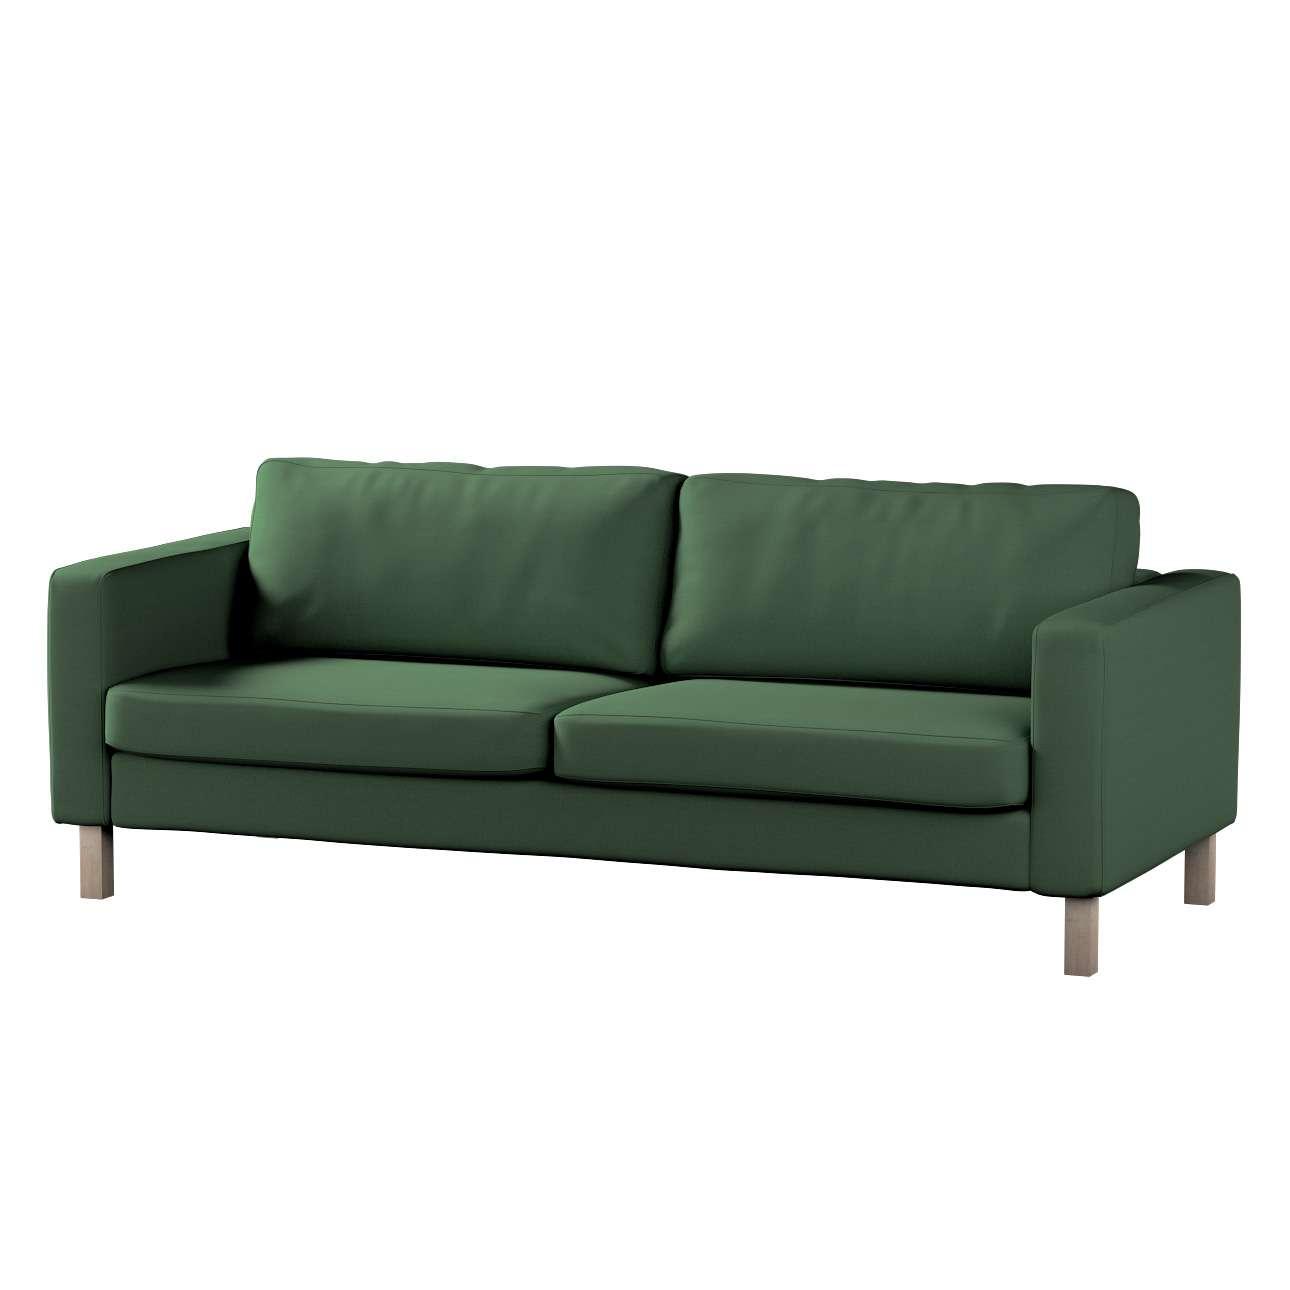 Pokrowiec na sofę Karlstad 3-osobową nierozkładaną, krótki Sofa Karlstad 3-osobowa w kolekcji Cotton Panama, tkanina: 702-06